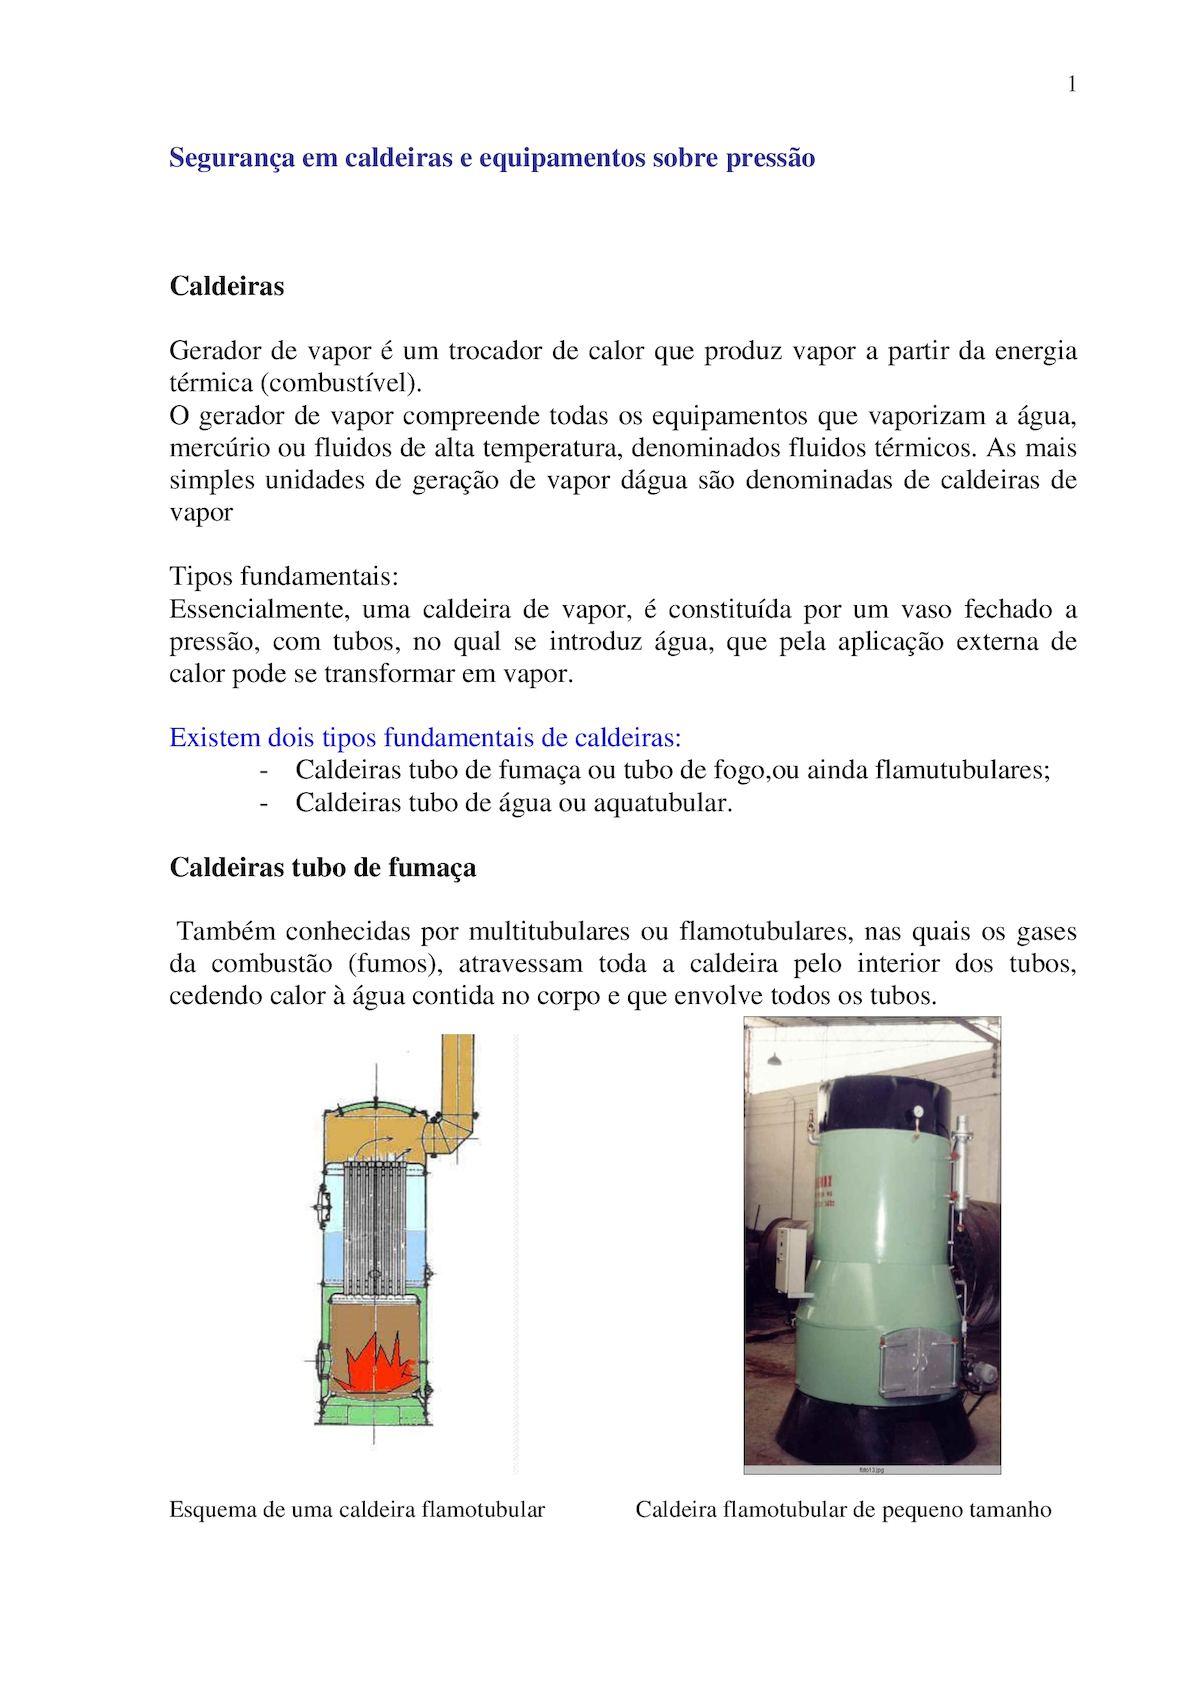 Segurança Em Caldeiras E Equipamentos Sob Pressão - 03507 [ E 1 ].pdf